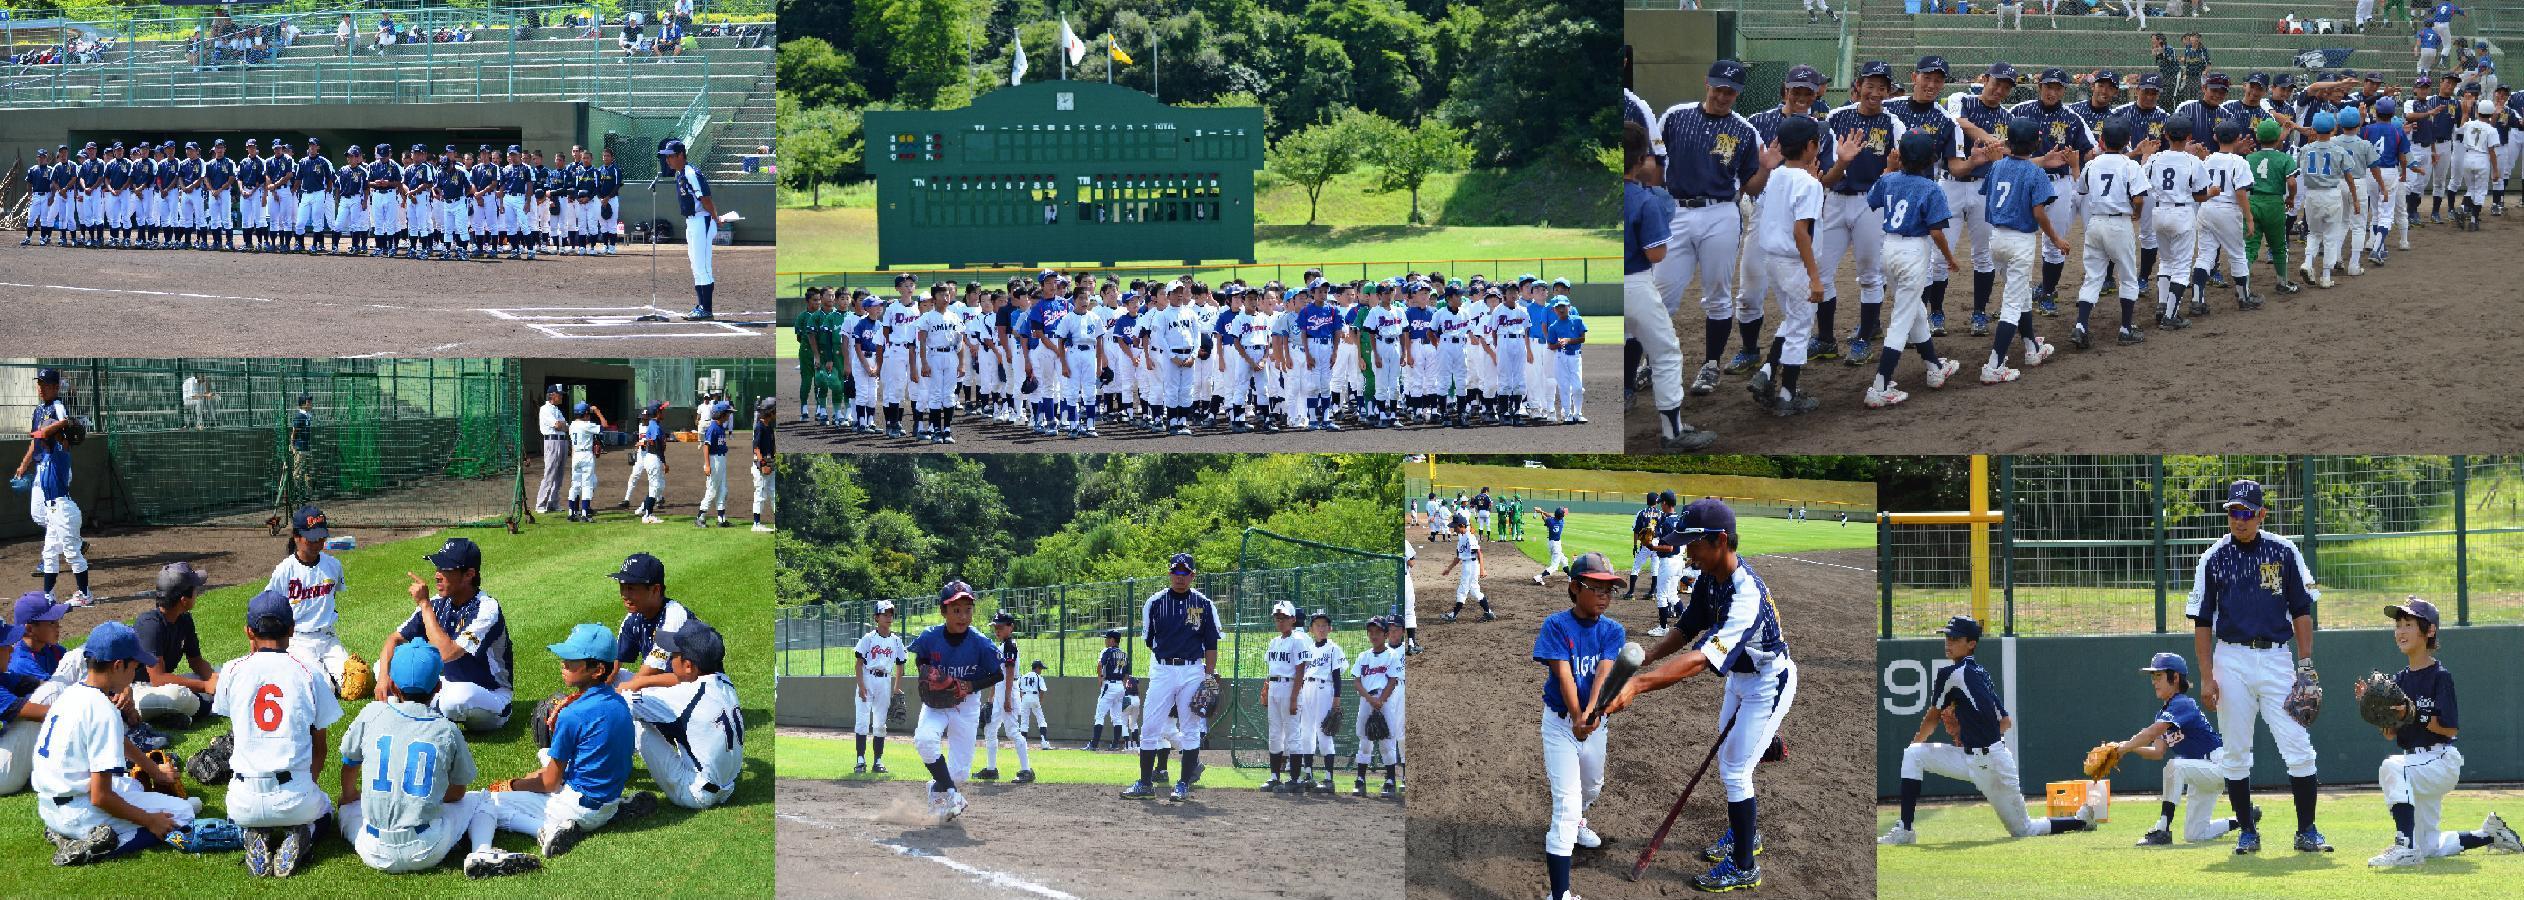 京丹後市野球教室1.JPG